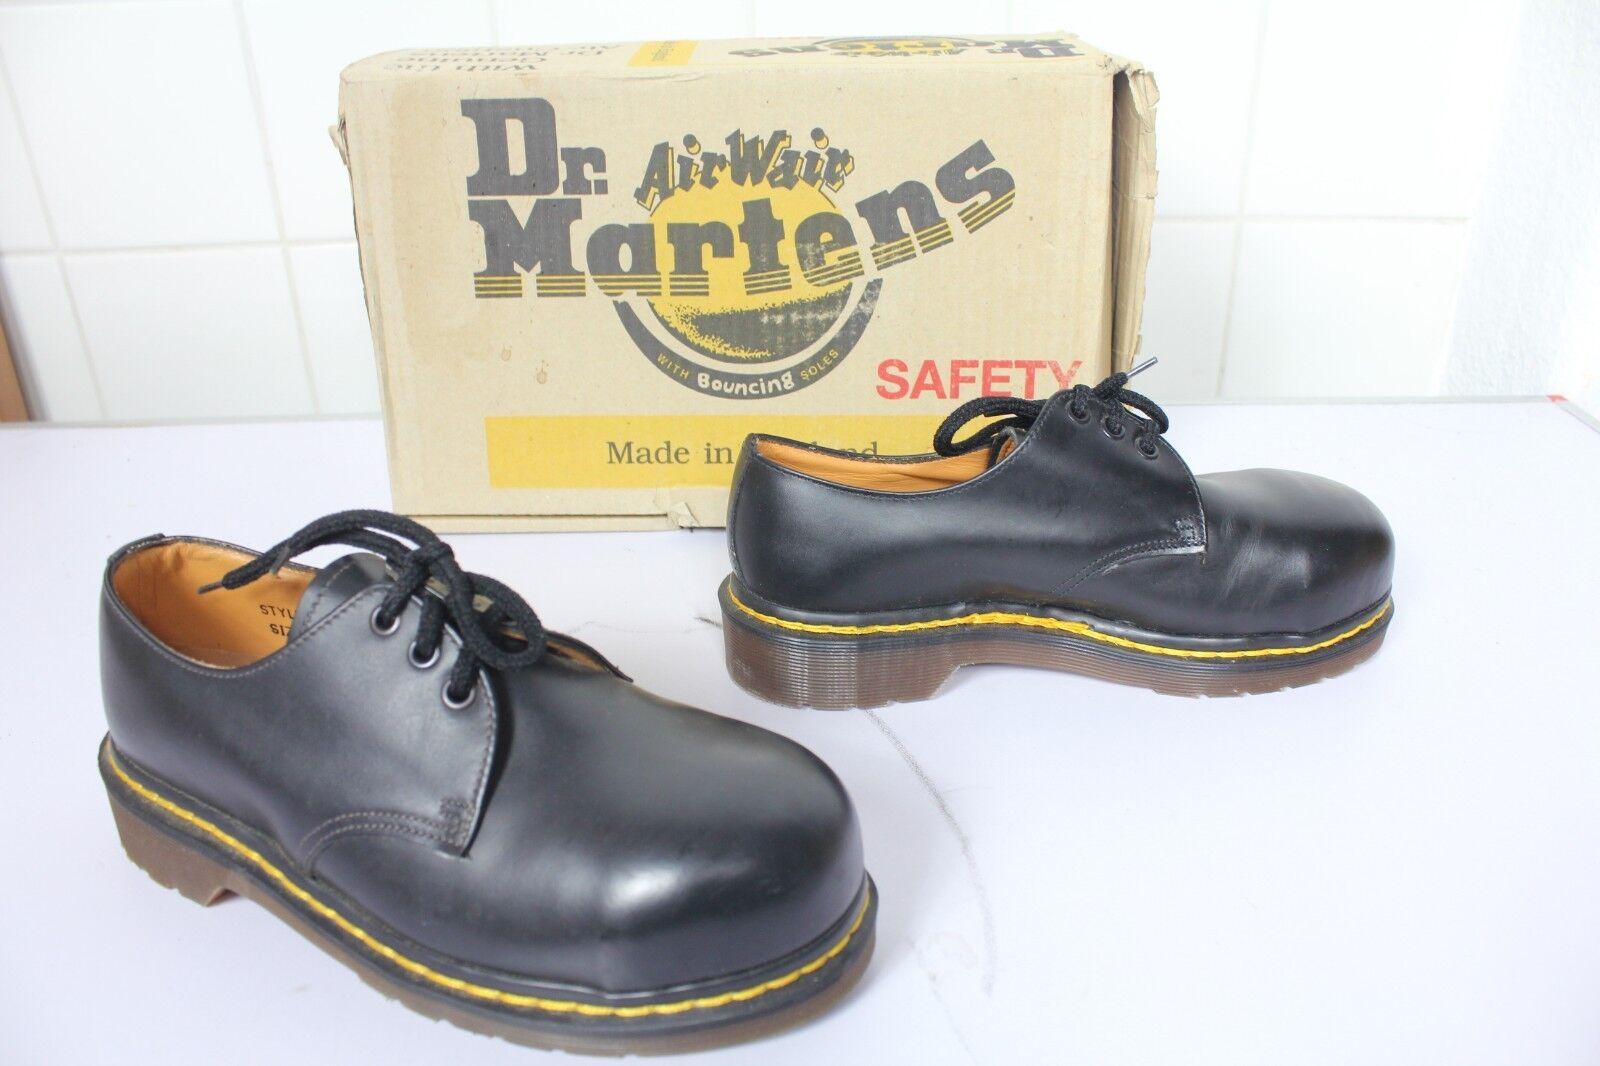 Vintage Dr. Martens Safety schnürzapatos negro eu 38-uk 38-uk 38-uk 5 fabricado en Inglaterra-nuevo  buen precio